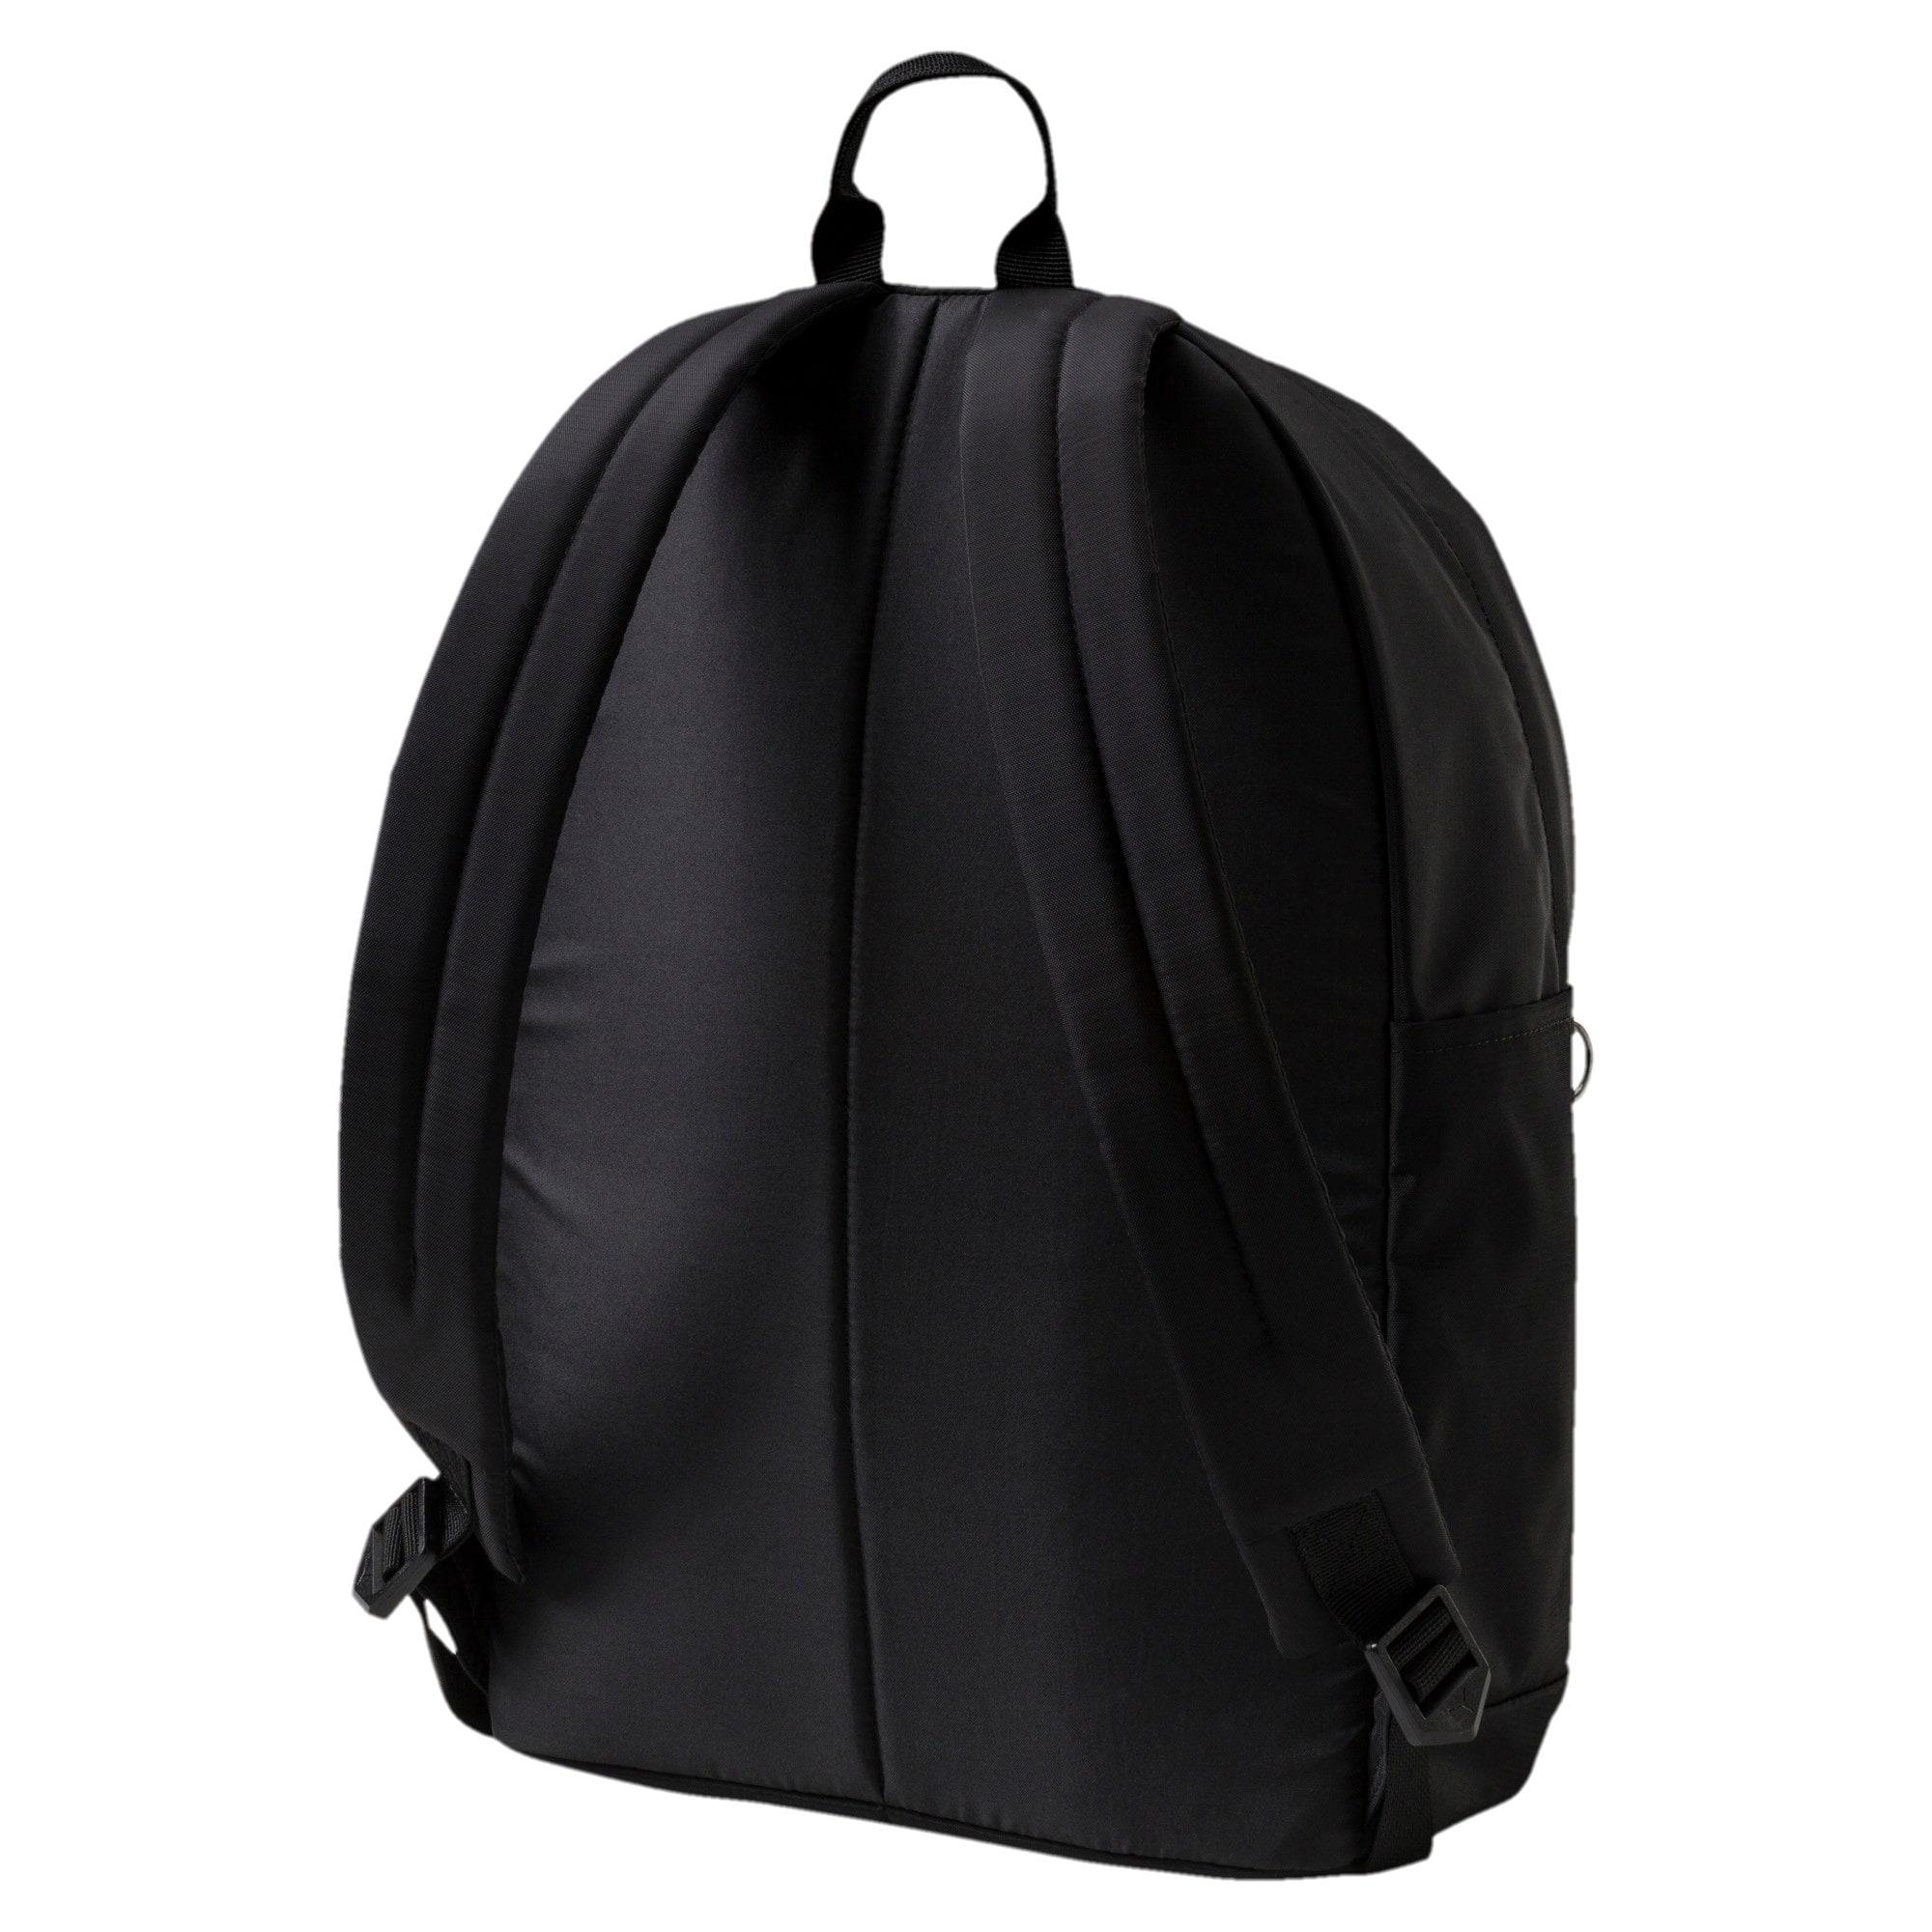 Thumbnail 4 of Originals Backpack, Puma Black, medium-IND